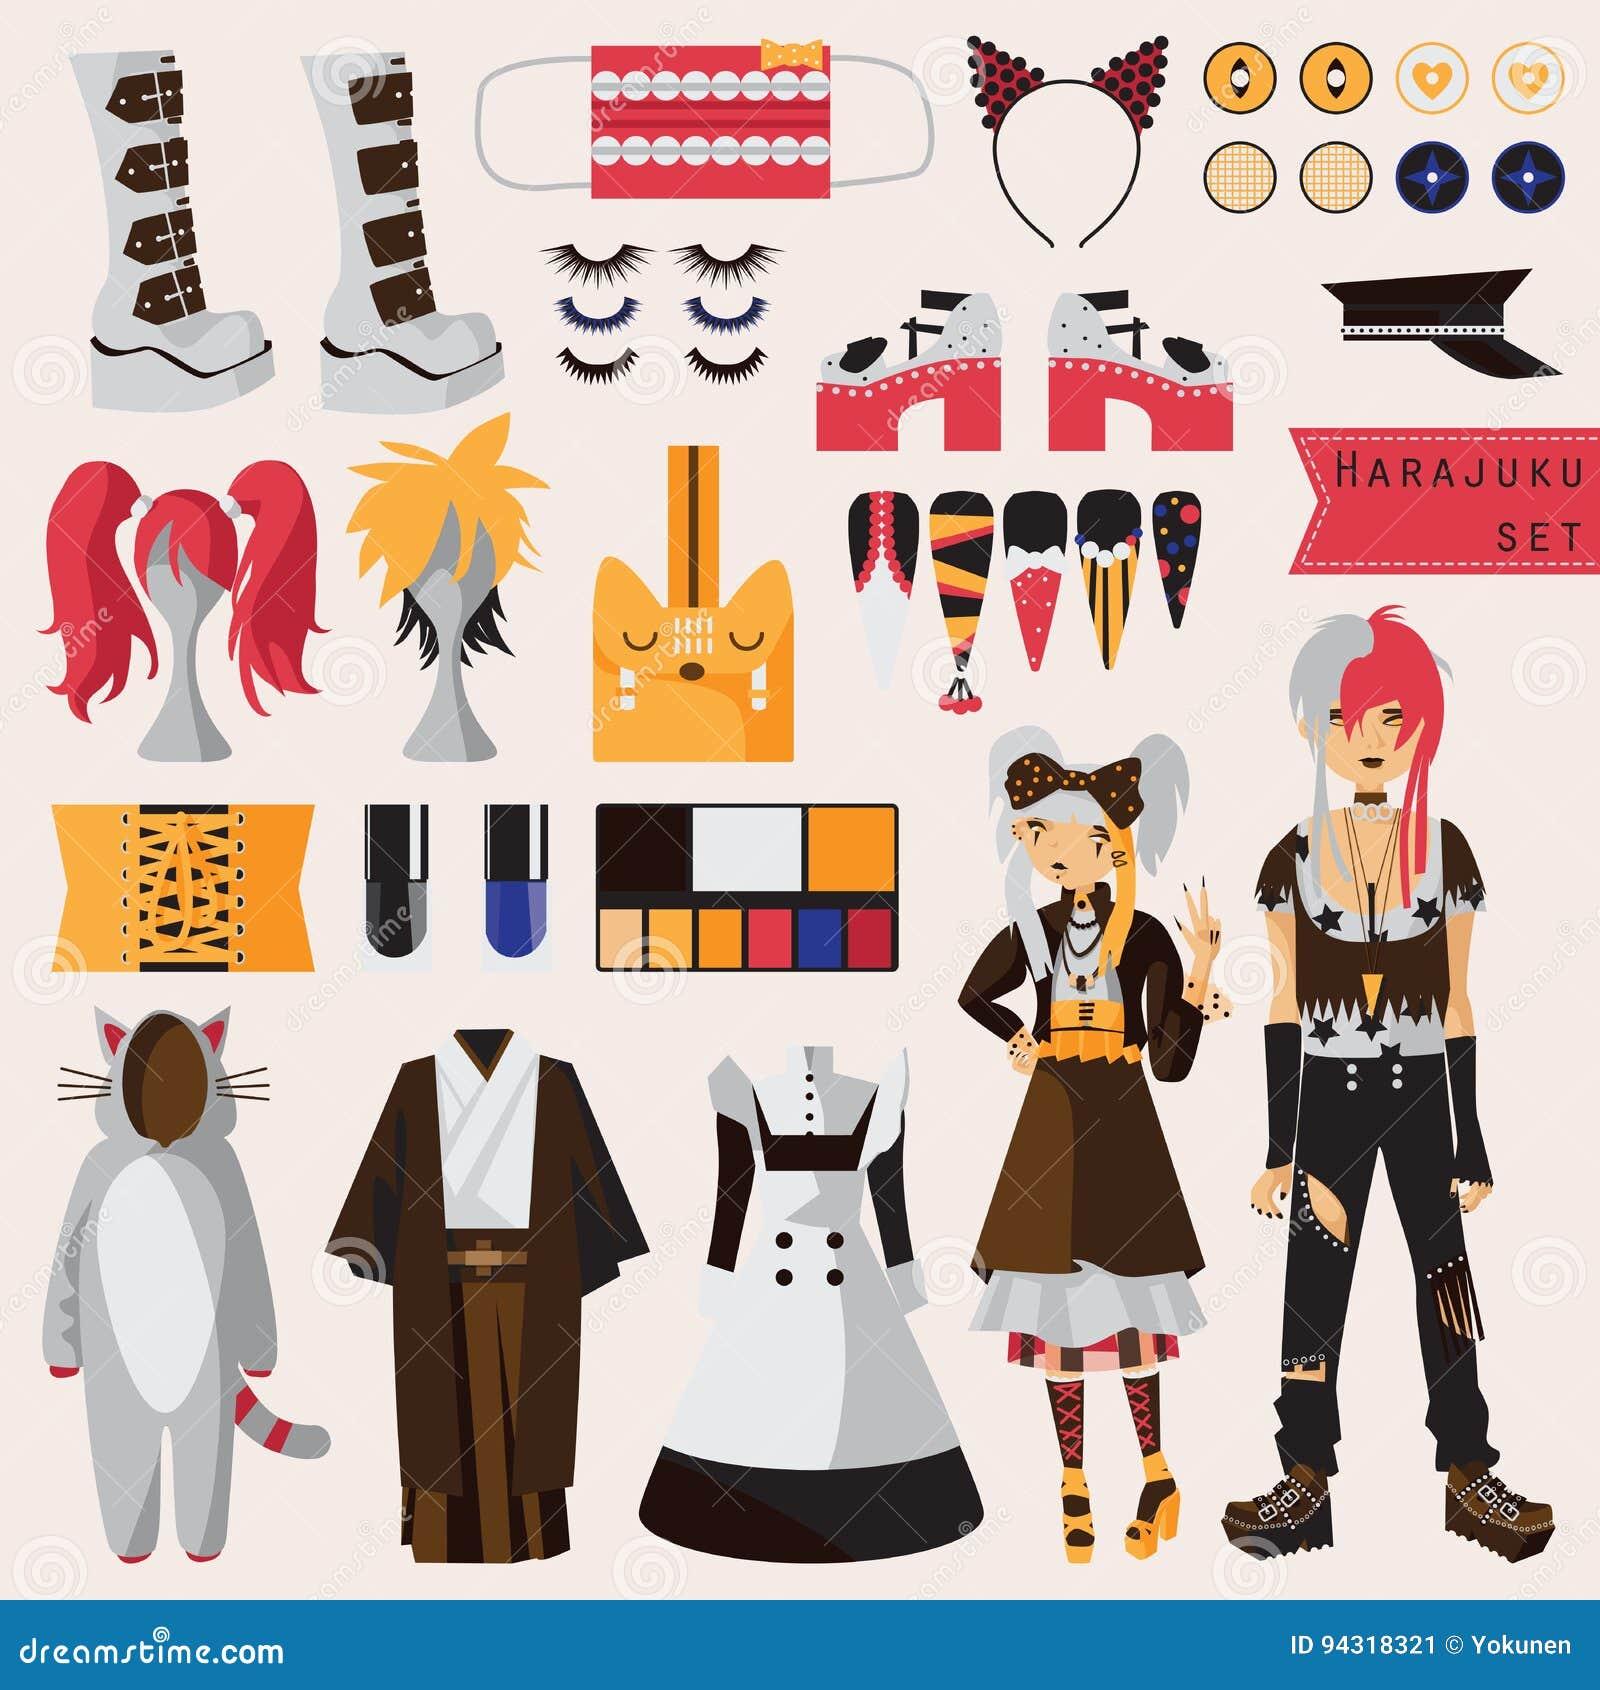 Grupo brilhante com subcultura da forma japonesa da rua do harajuku, pares no estilo visual do kei com os acessórios para cosplay